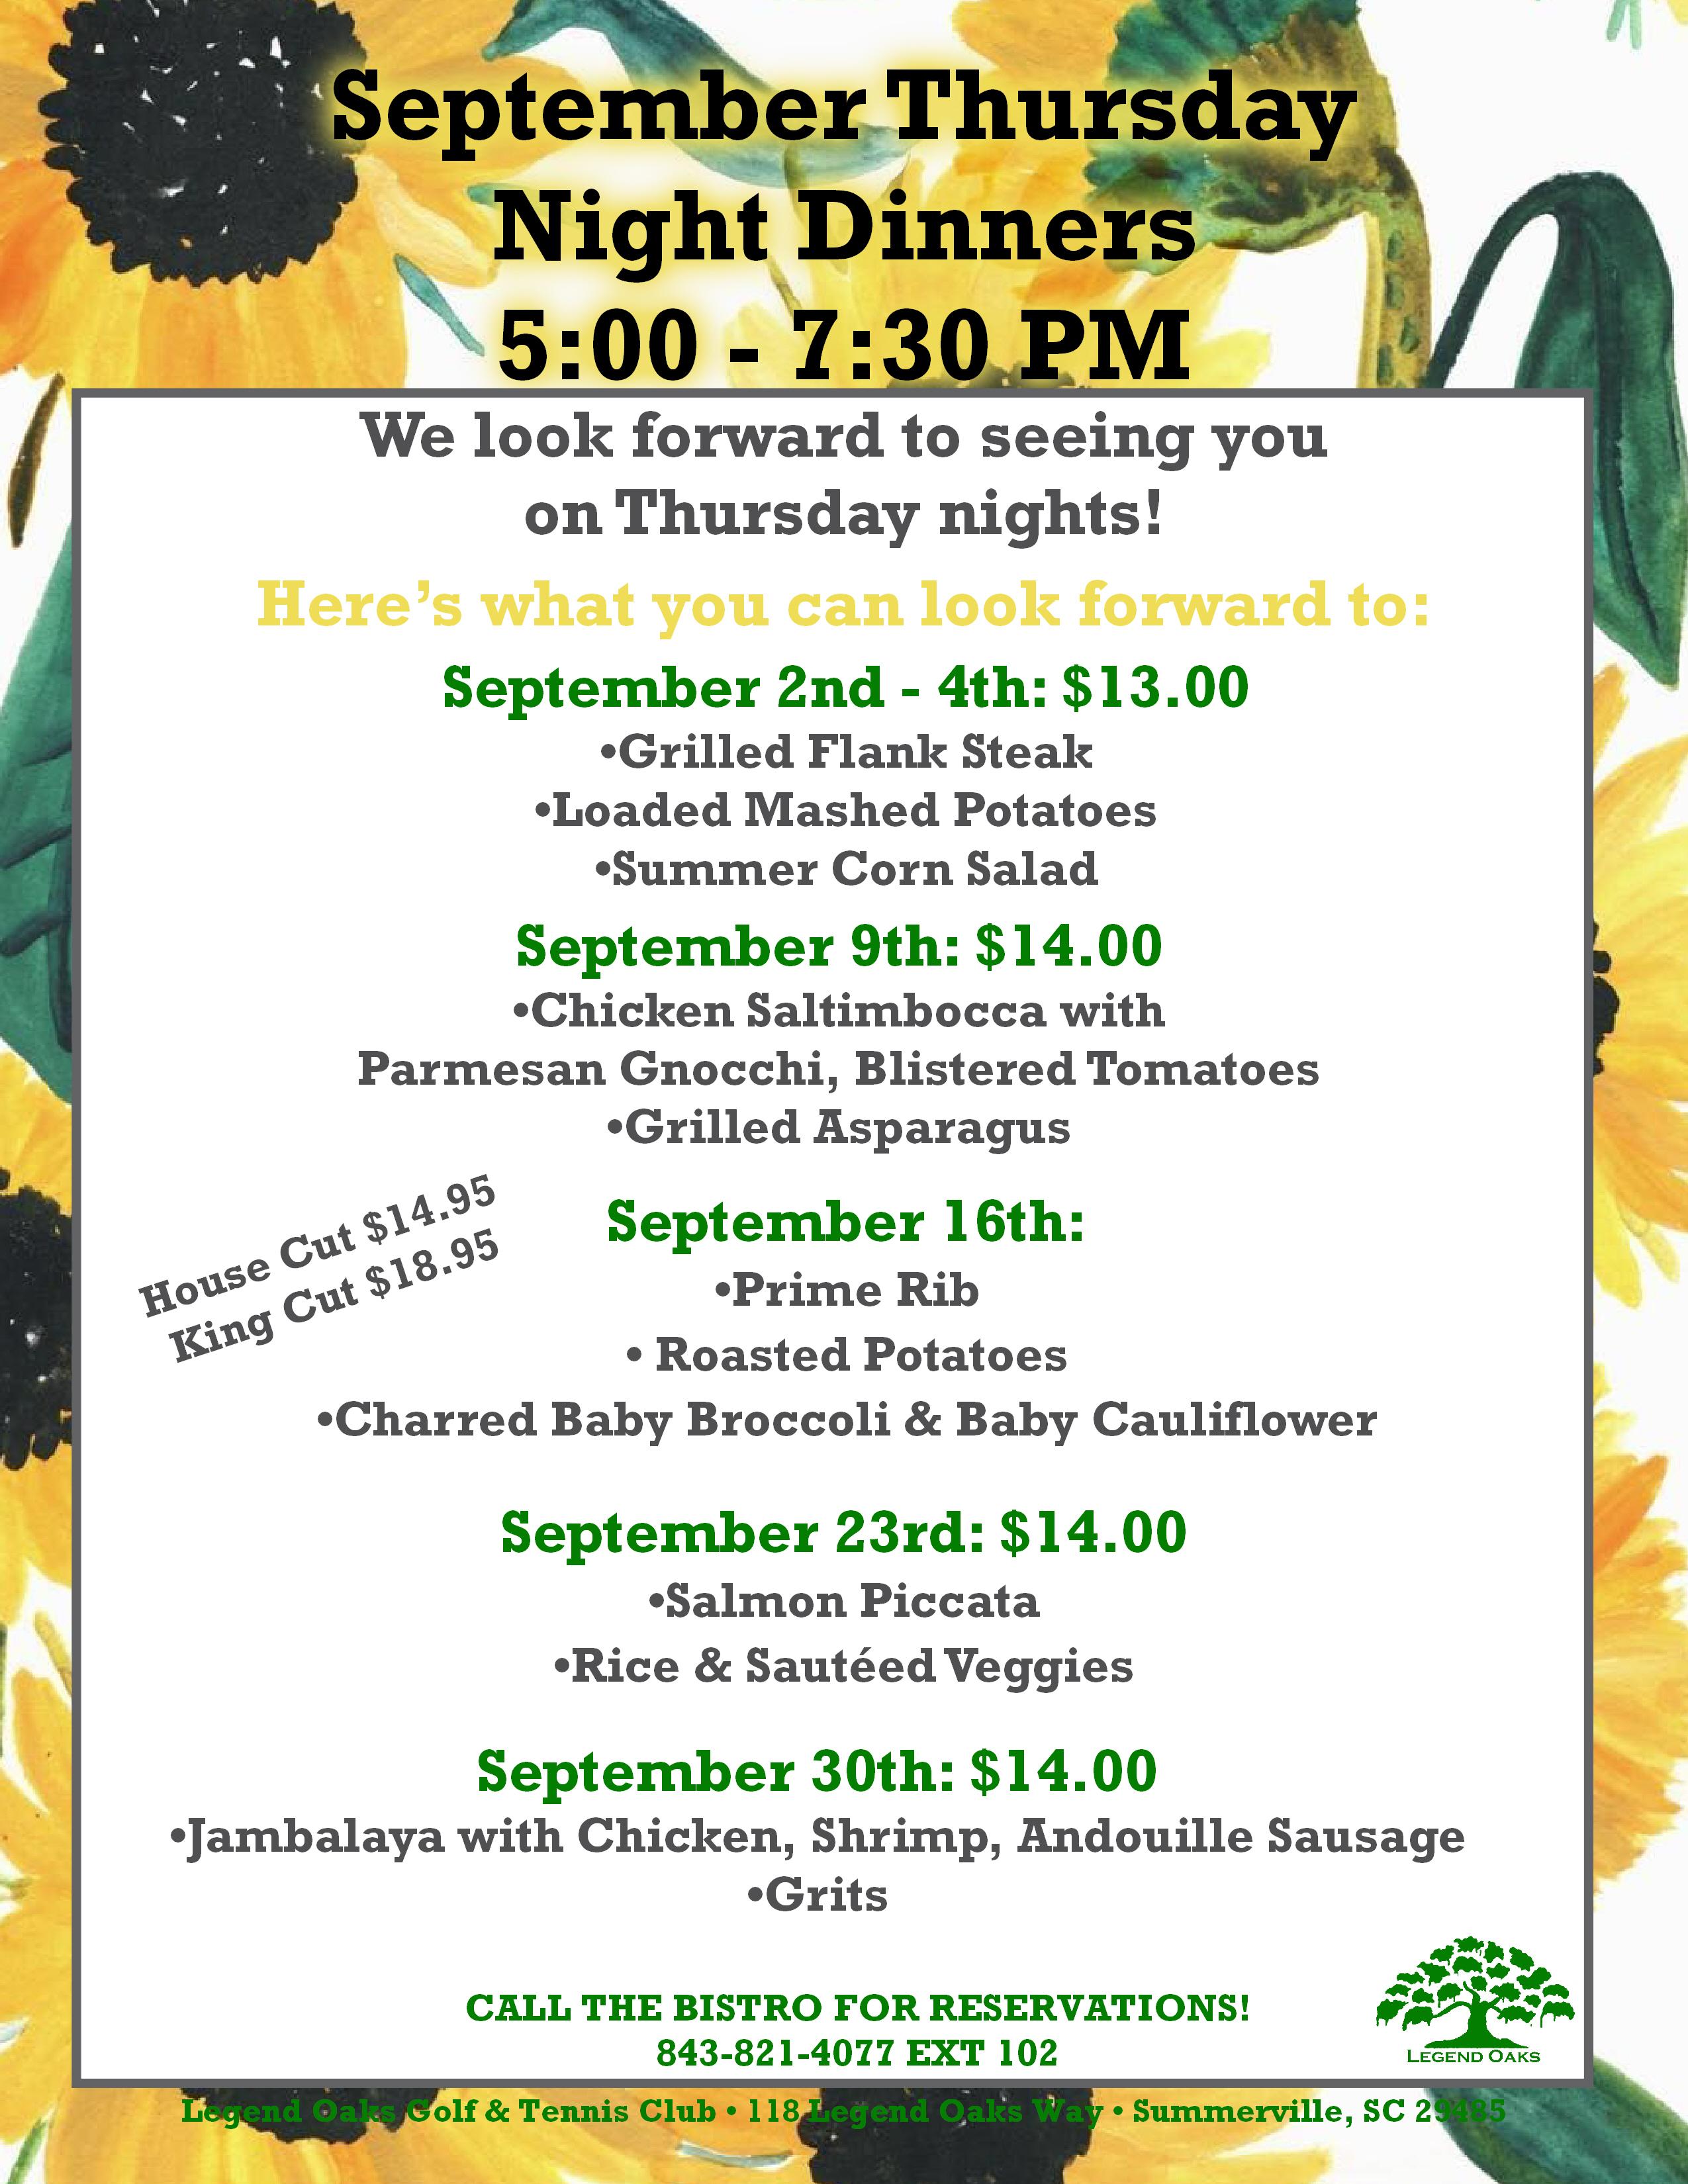 September Thursday Night Dinners